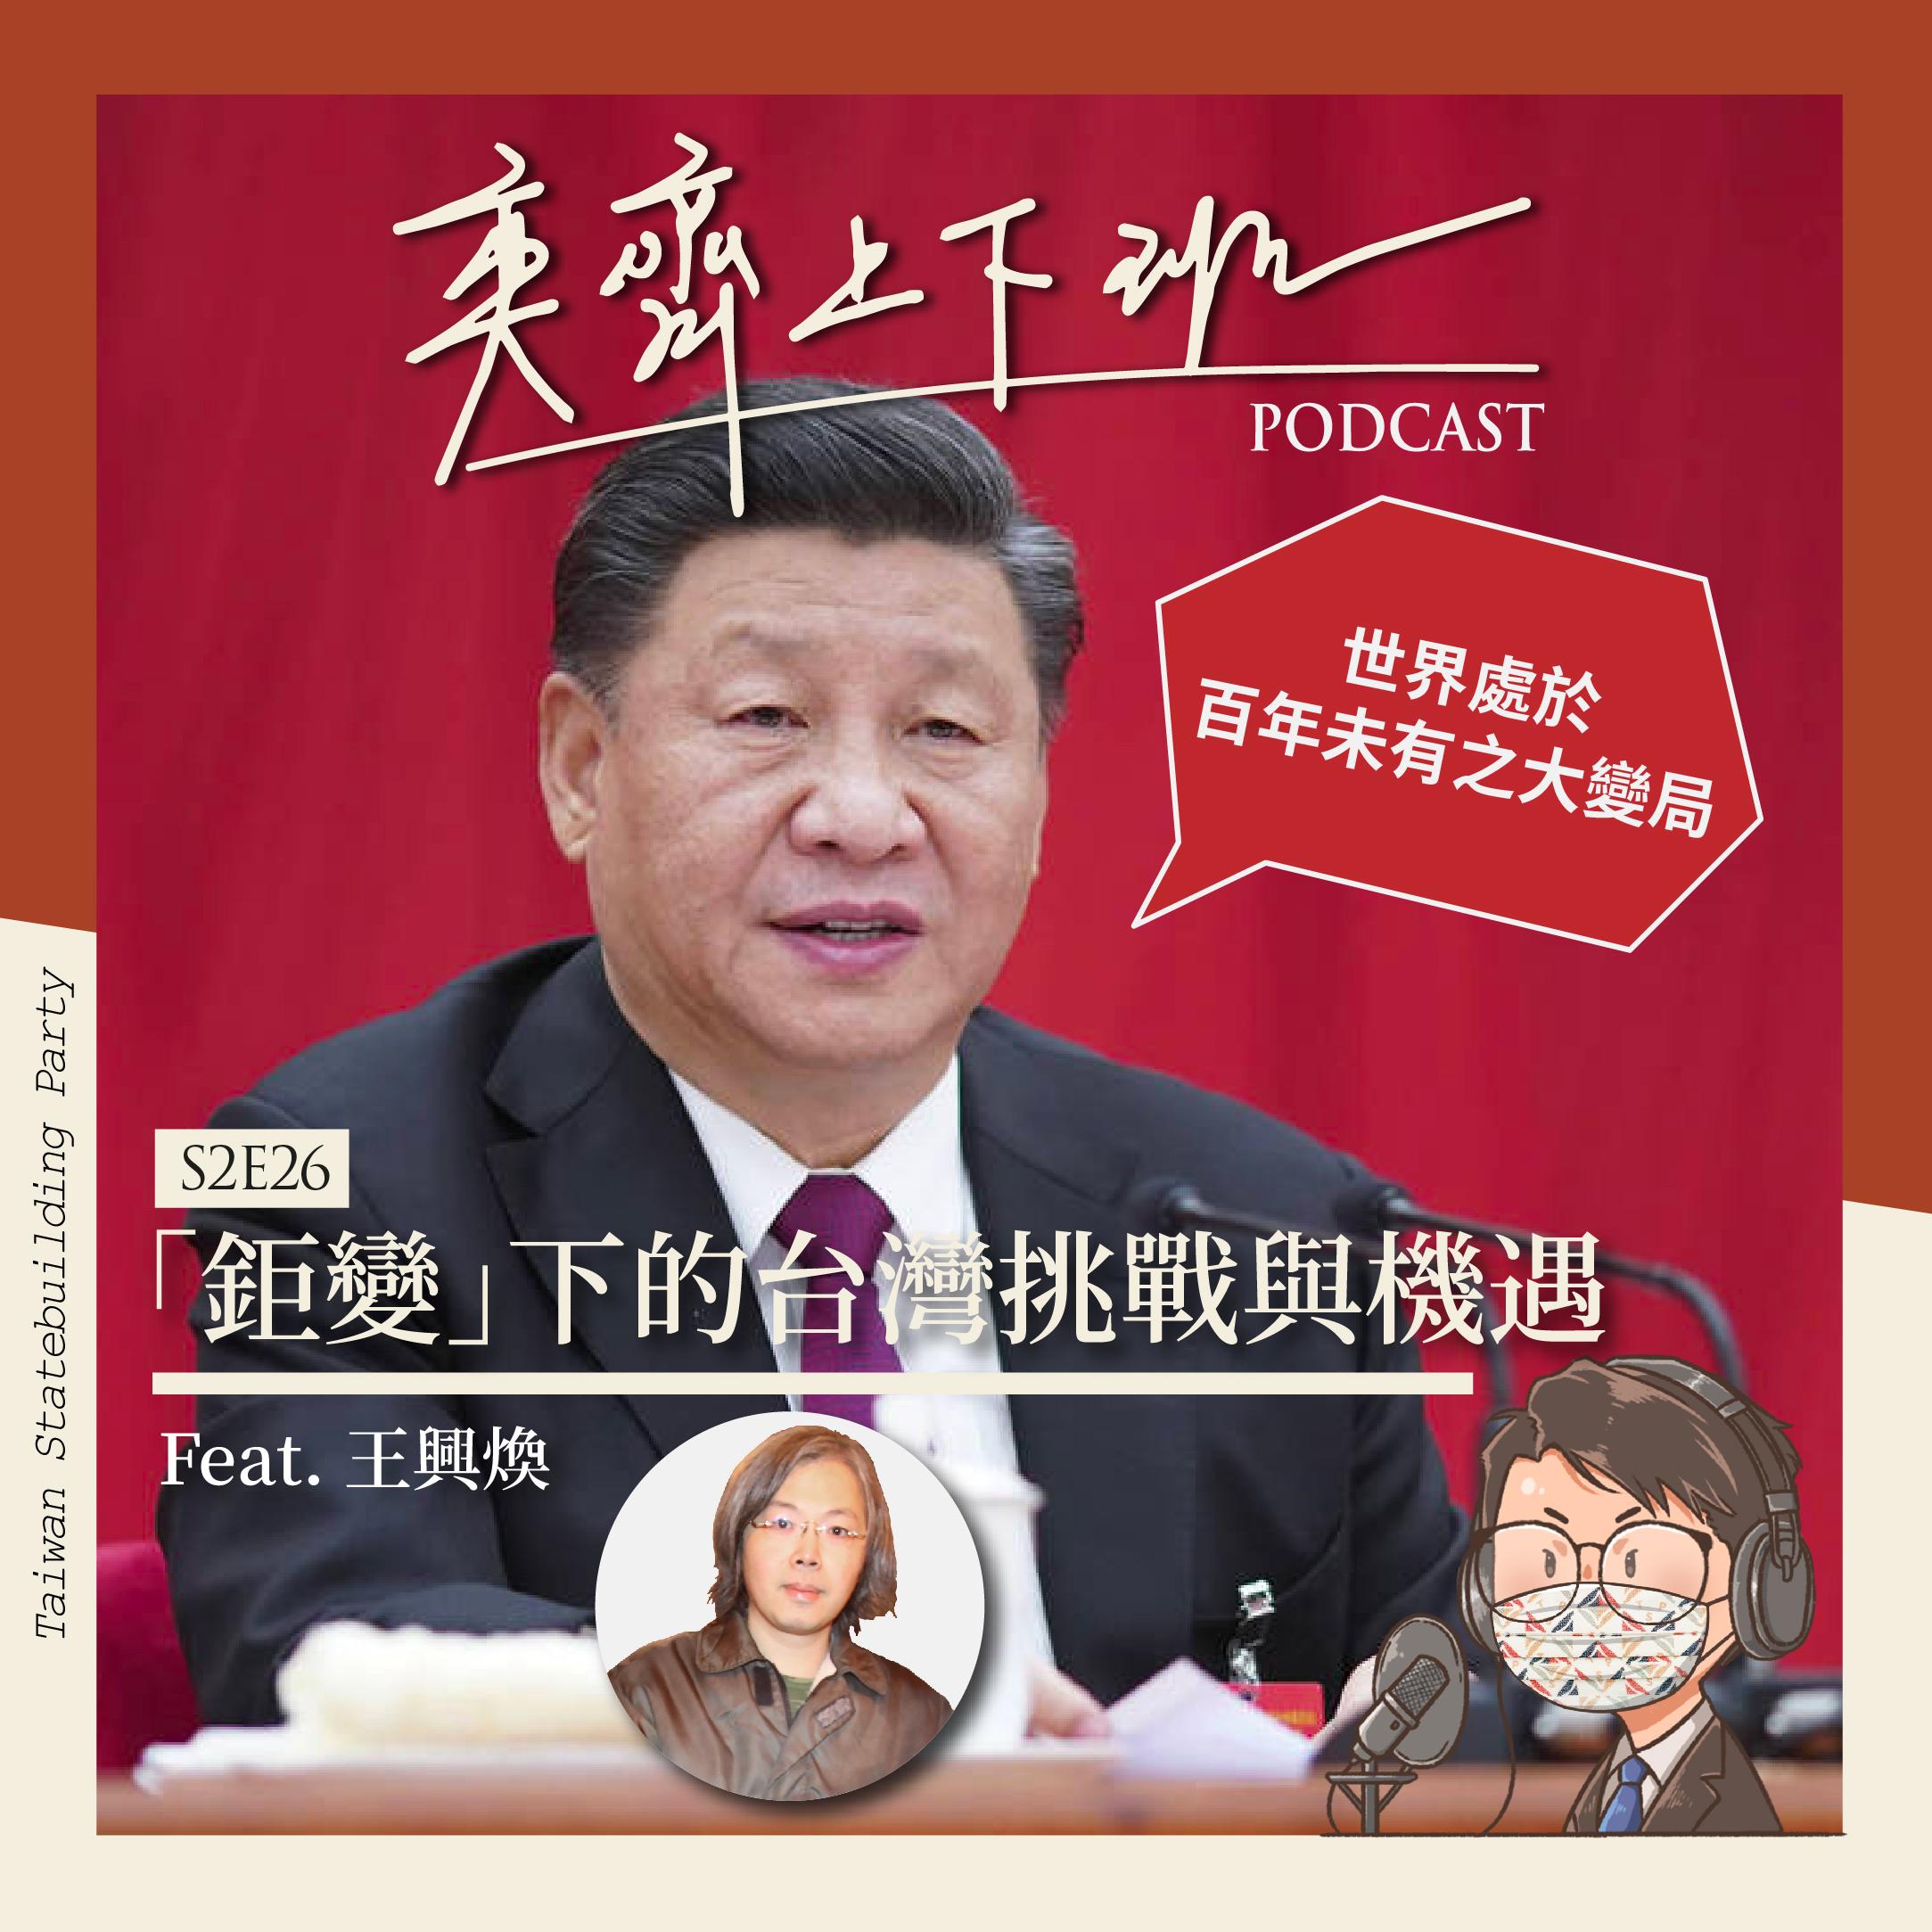 S2E26 「鉅變」下的台灣挑戰與機遇 Feat. 王興煥